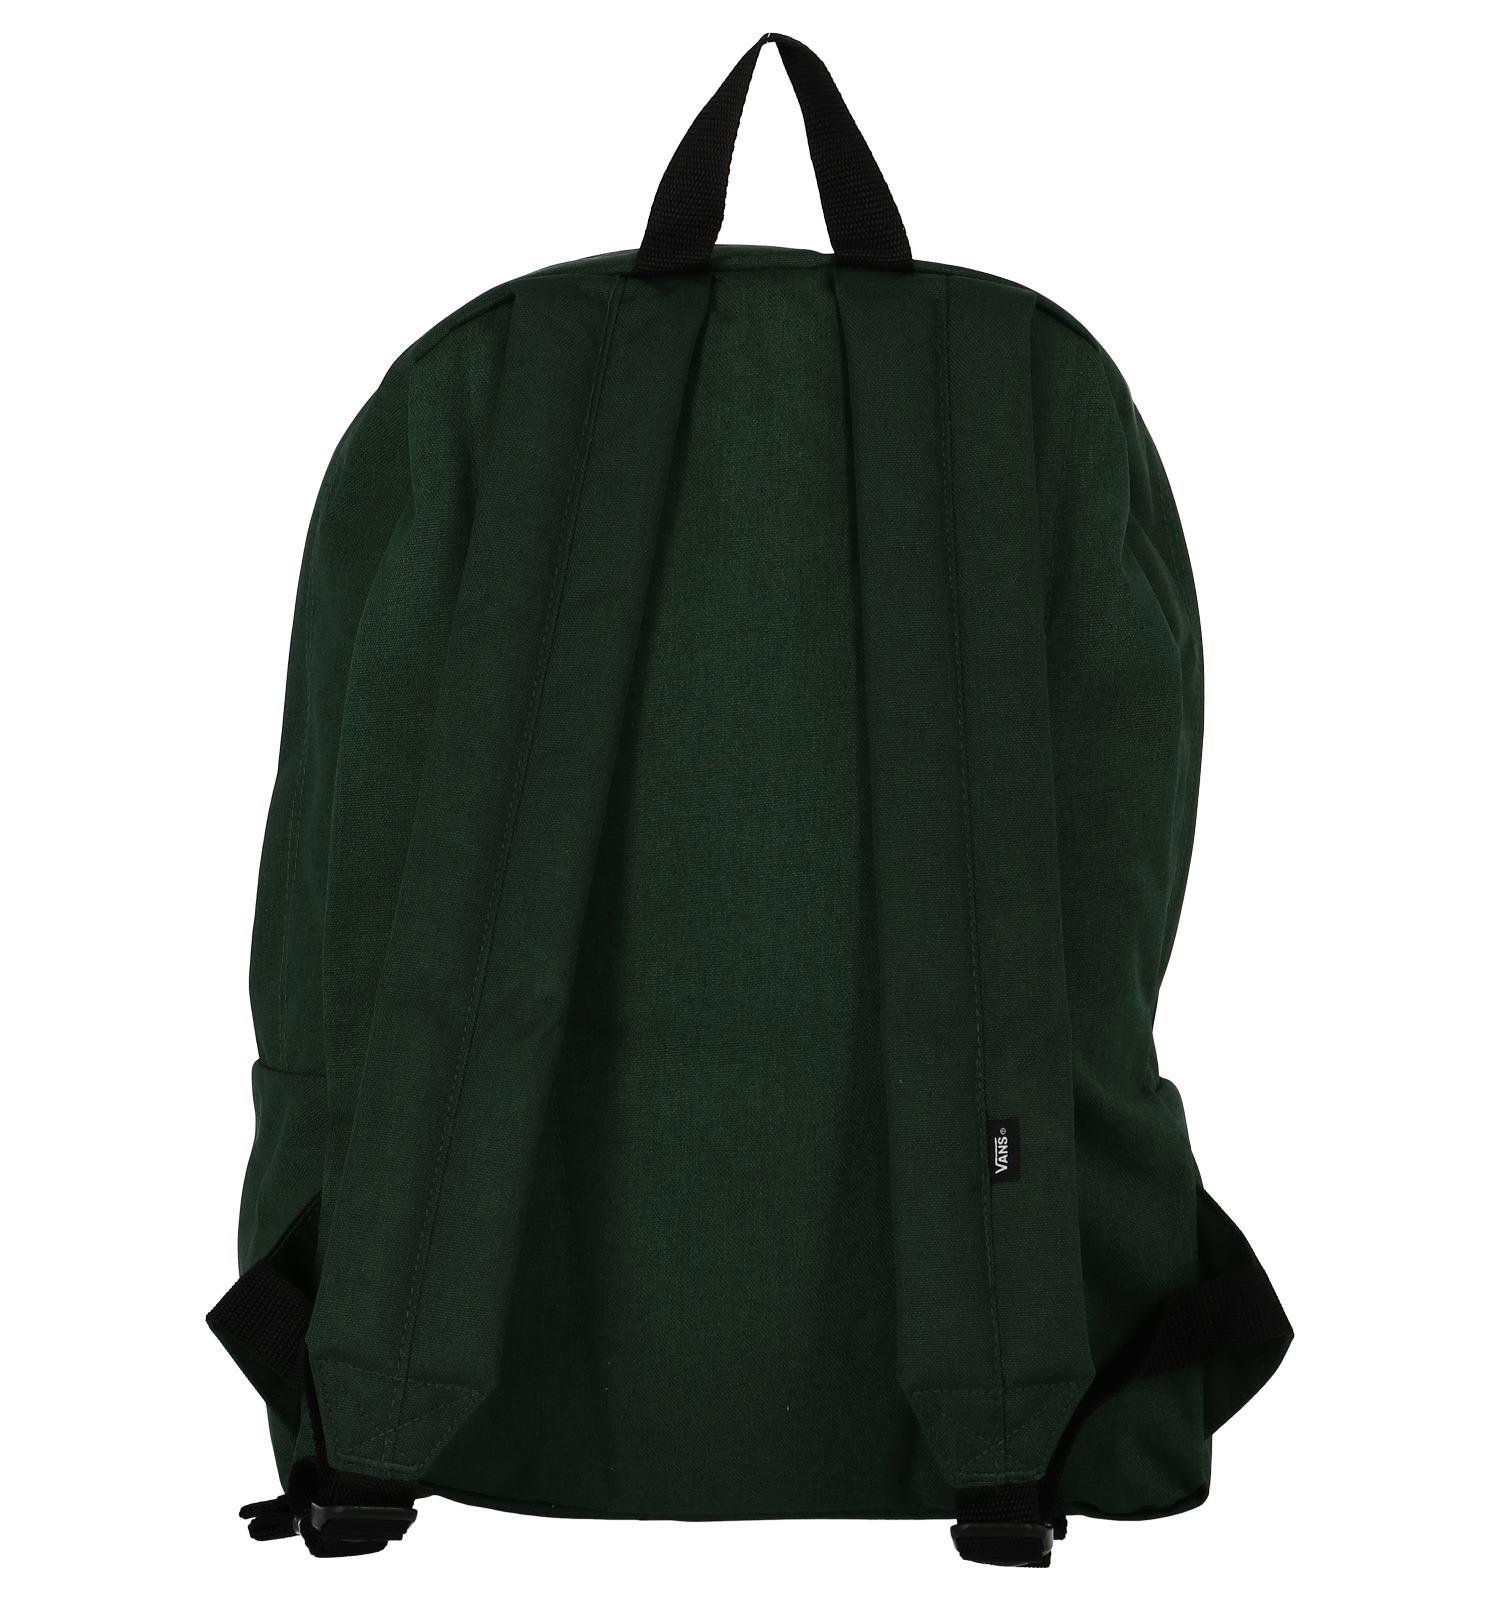 vans rugzak groen